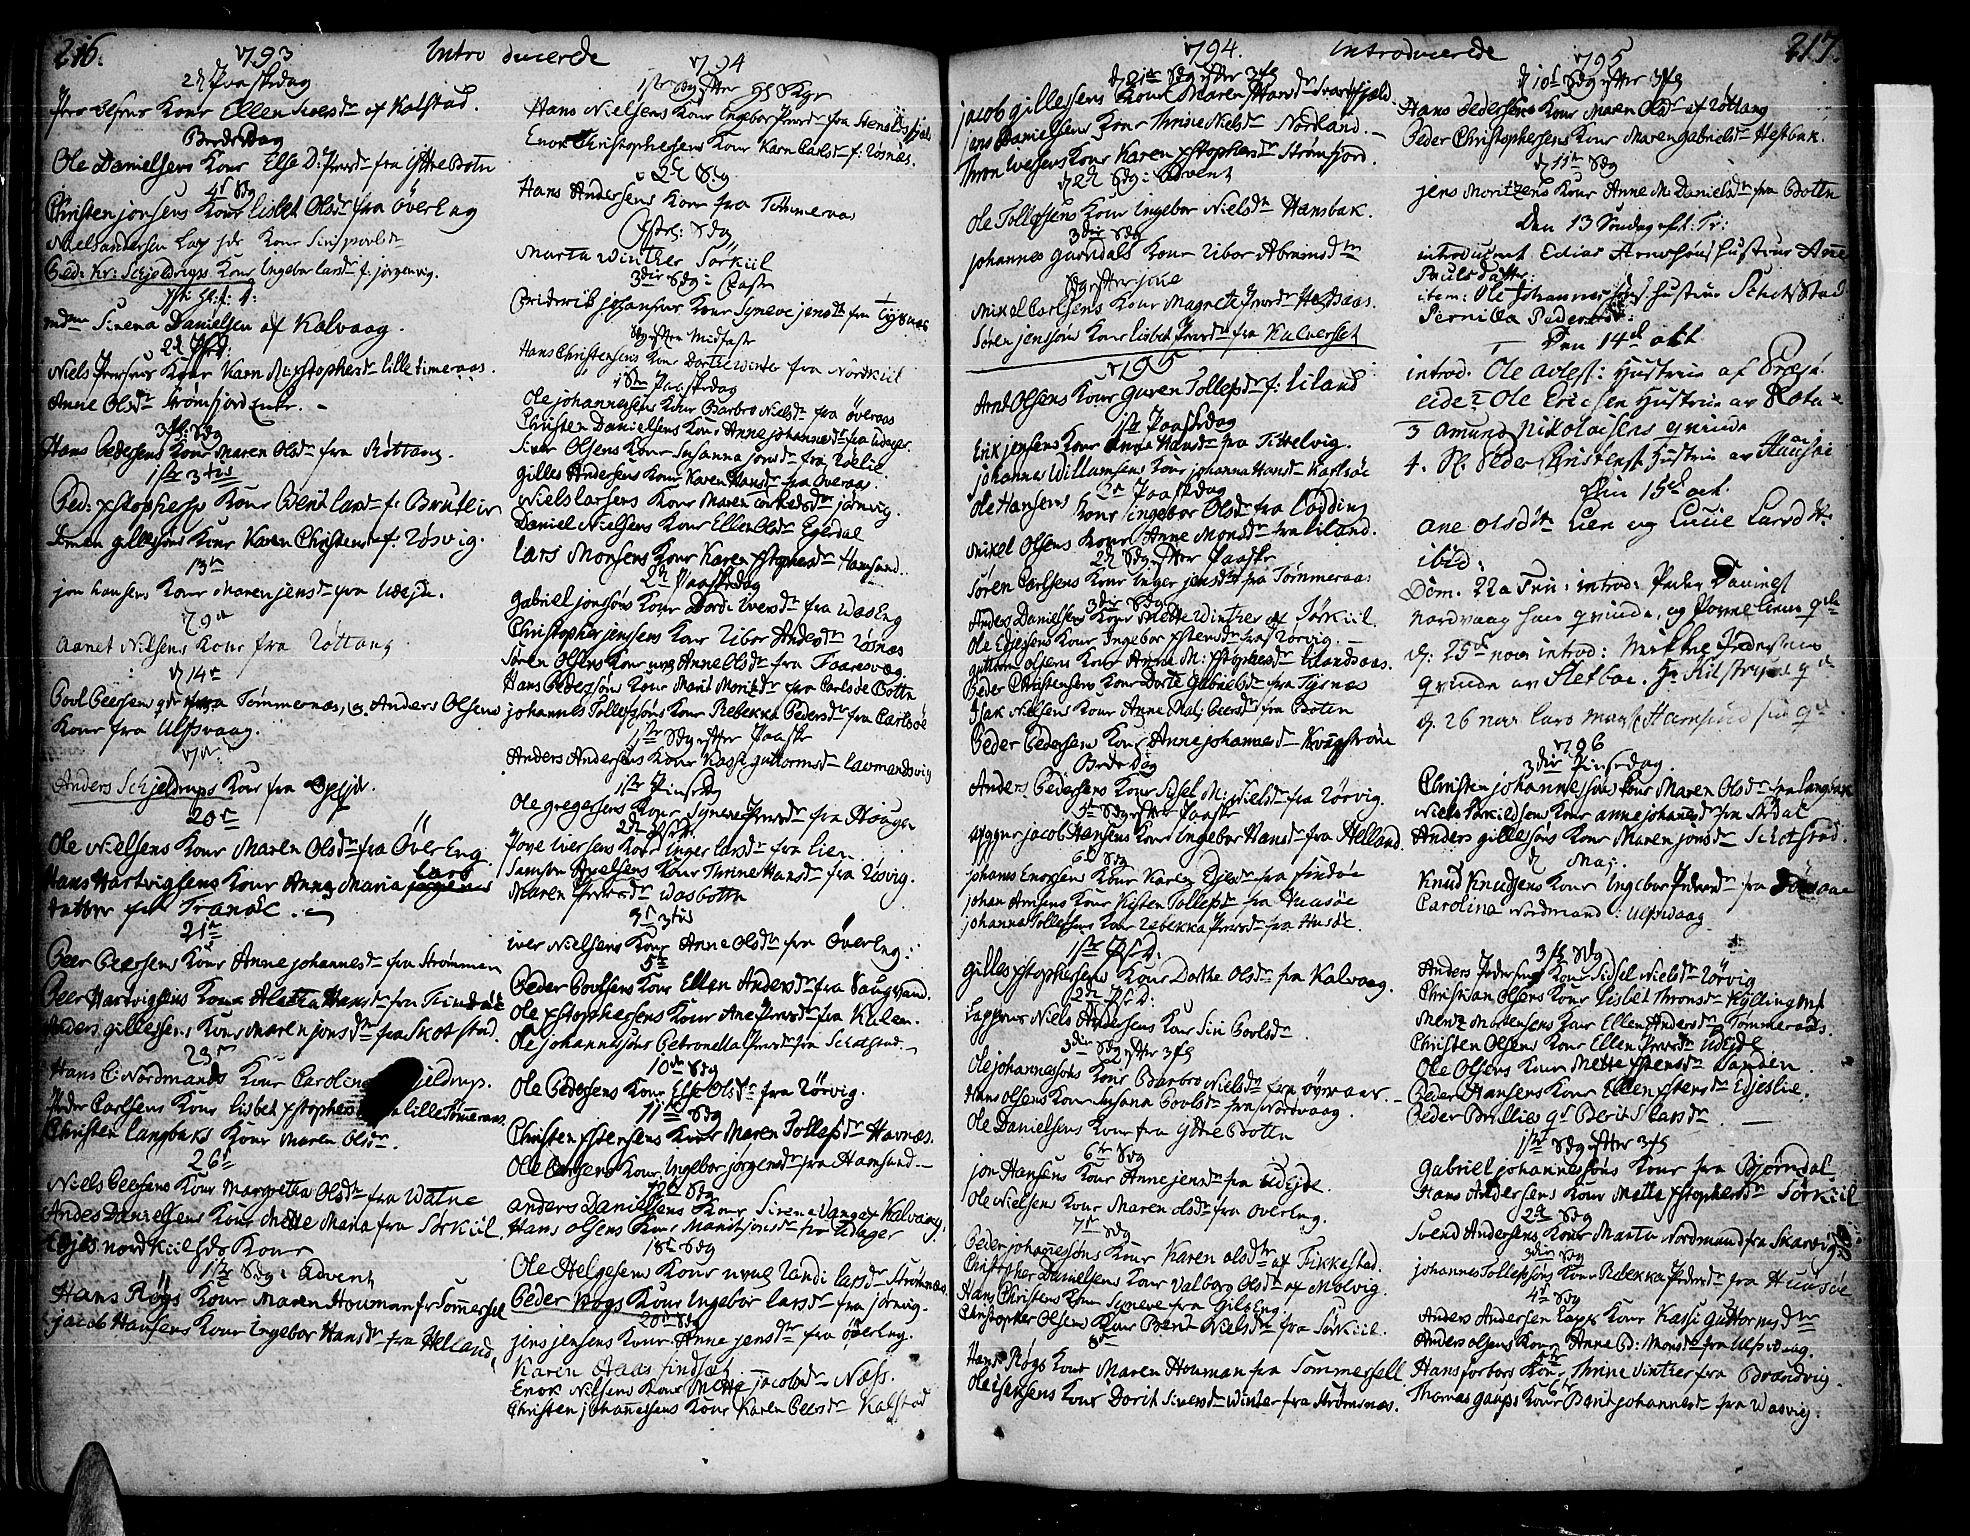 SAT, Ministerialprotokoller, klokkerbøker og fødselsregistre - Nordland, 859/L0841: Parish register (official) no. 859A01, 1766-1821, p. 216-217